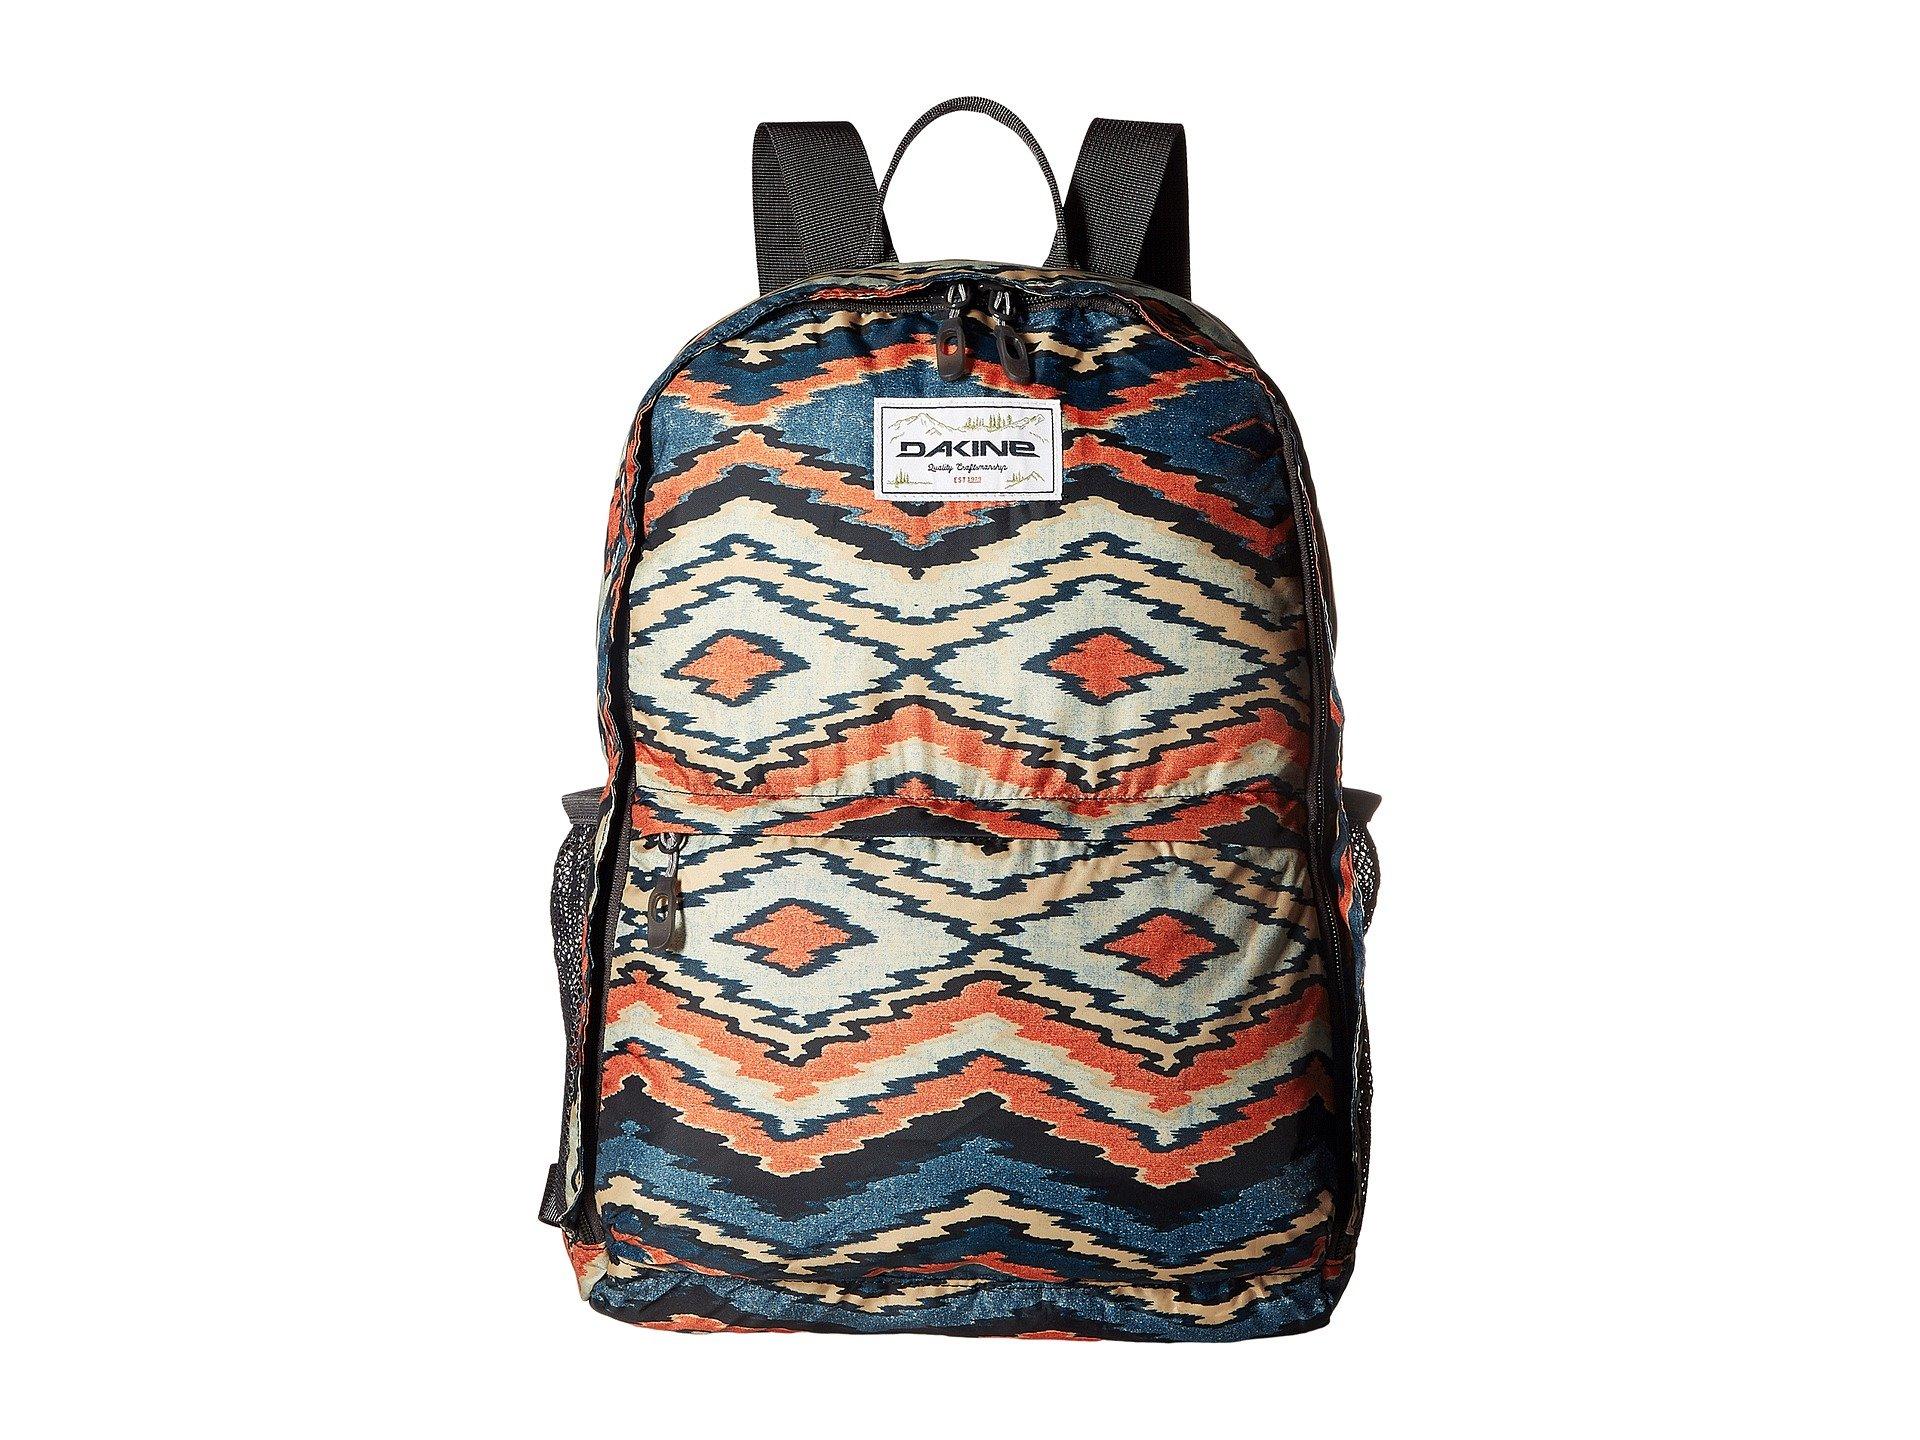 Morral para Hombre Dakine Stashable Backpack 20L  + Dakine en VeoyCompro.net